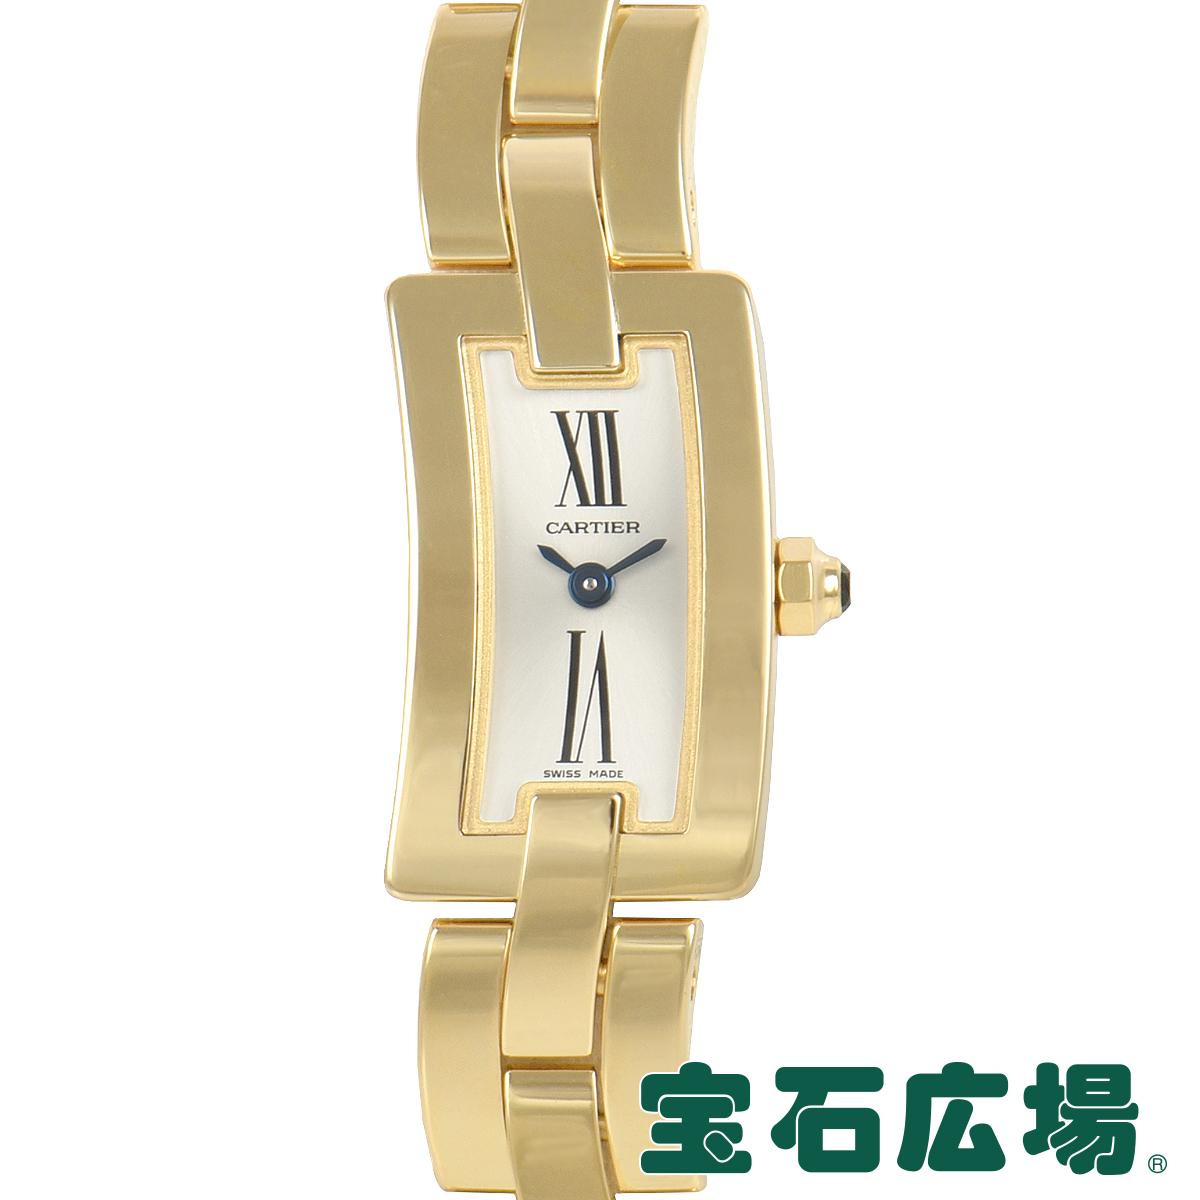 カルティエ CARTIER バレリーナ W700013J【中古】レディース 腕時計 送料・代引手数料無料